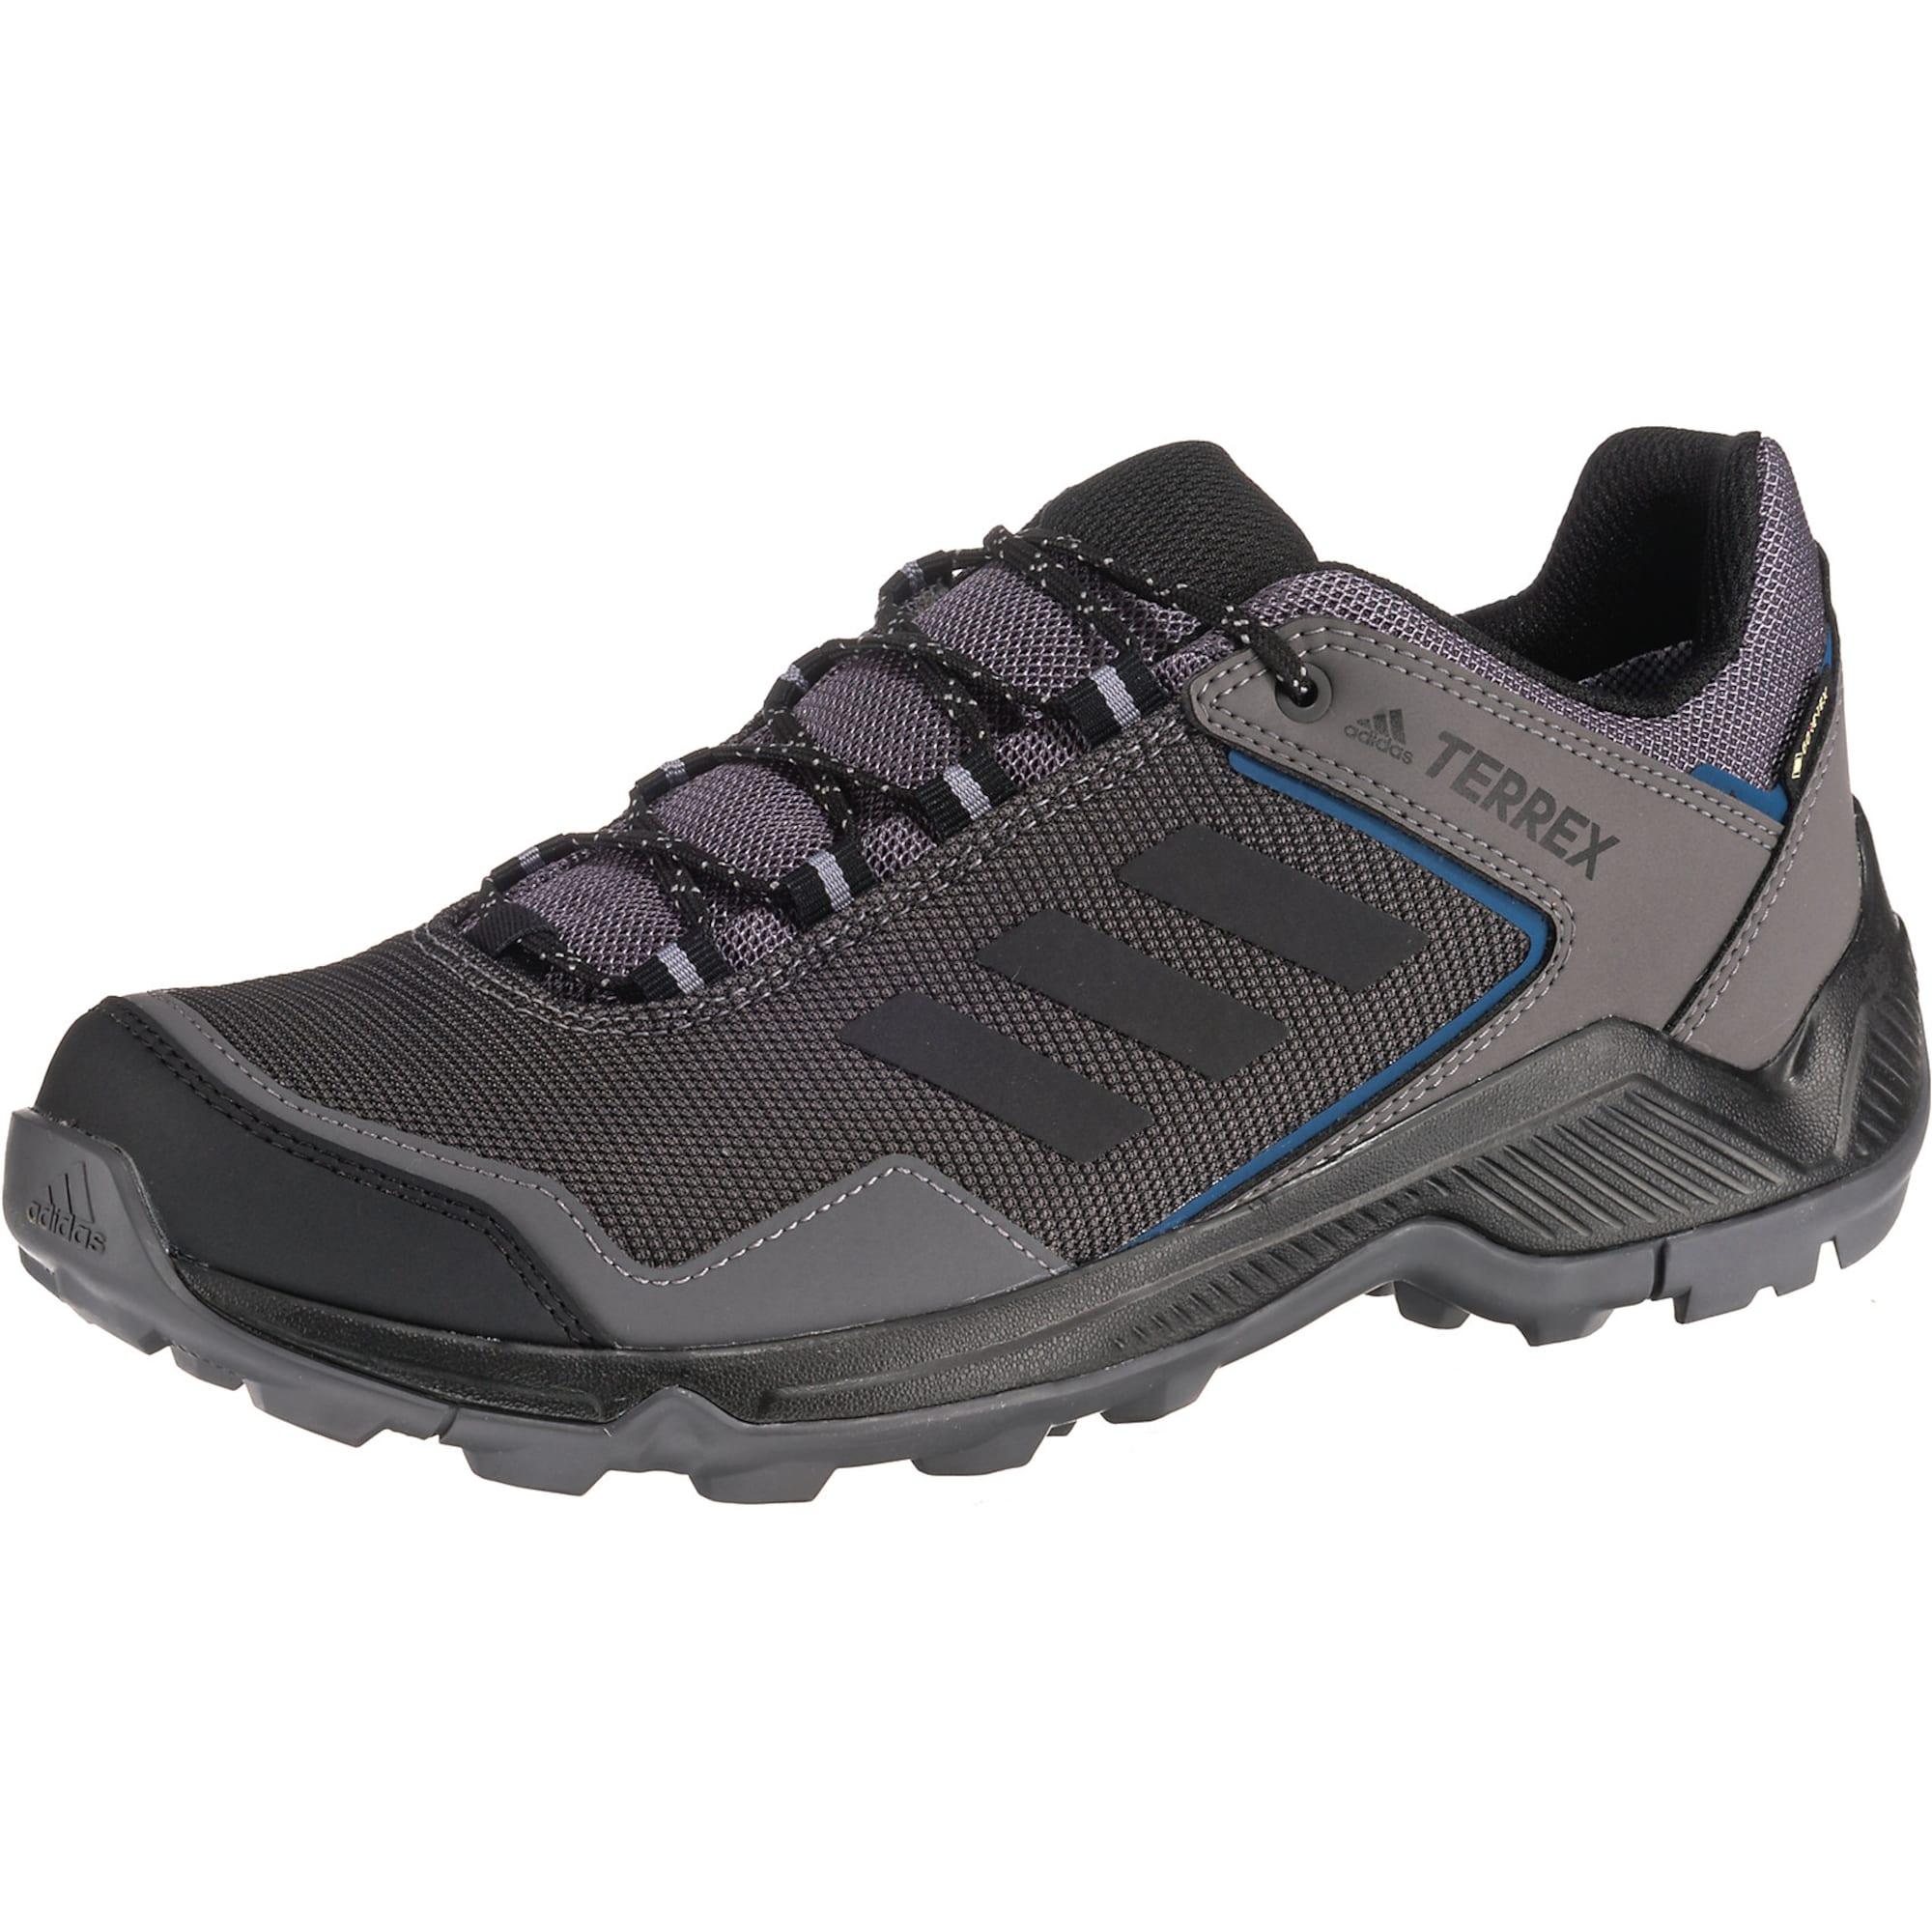 Trekkingschuhe 'Terrex Eastrail GTX'   Schuhe > Outdoorschuhe > Trekkingschuhe   adidas performance